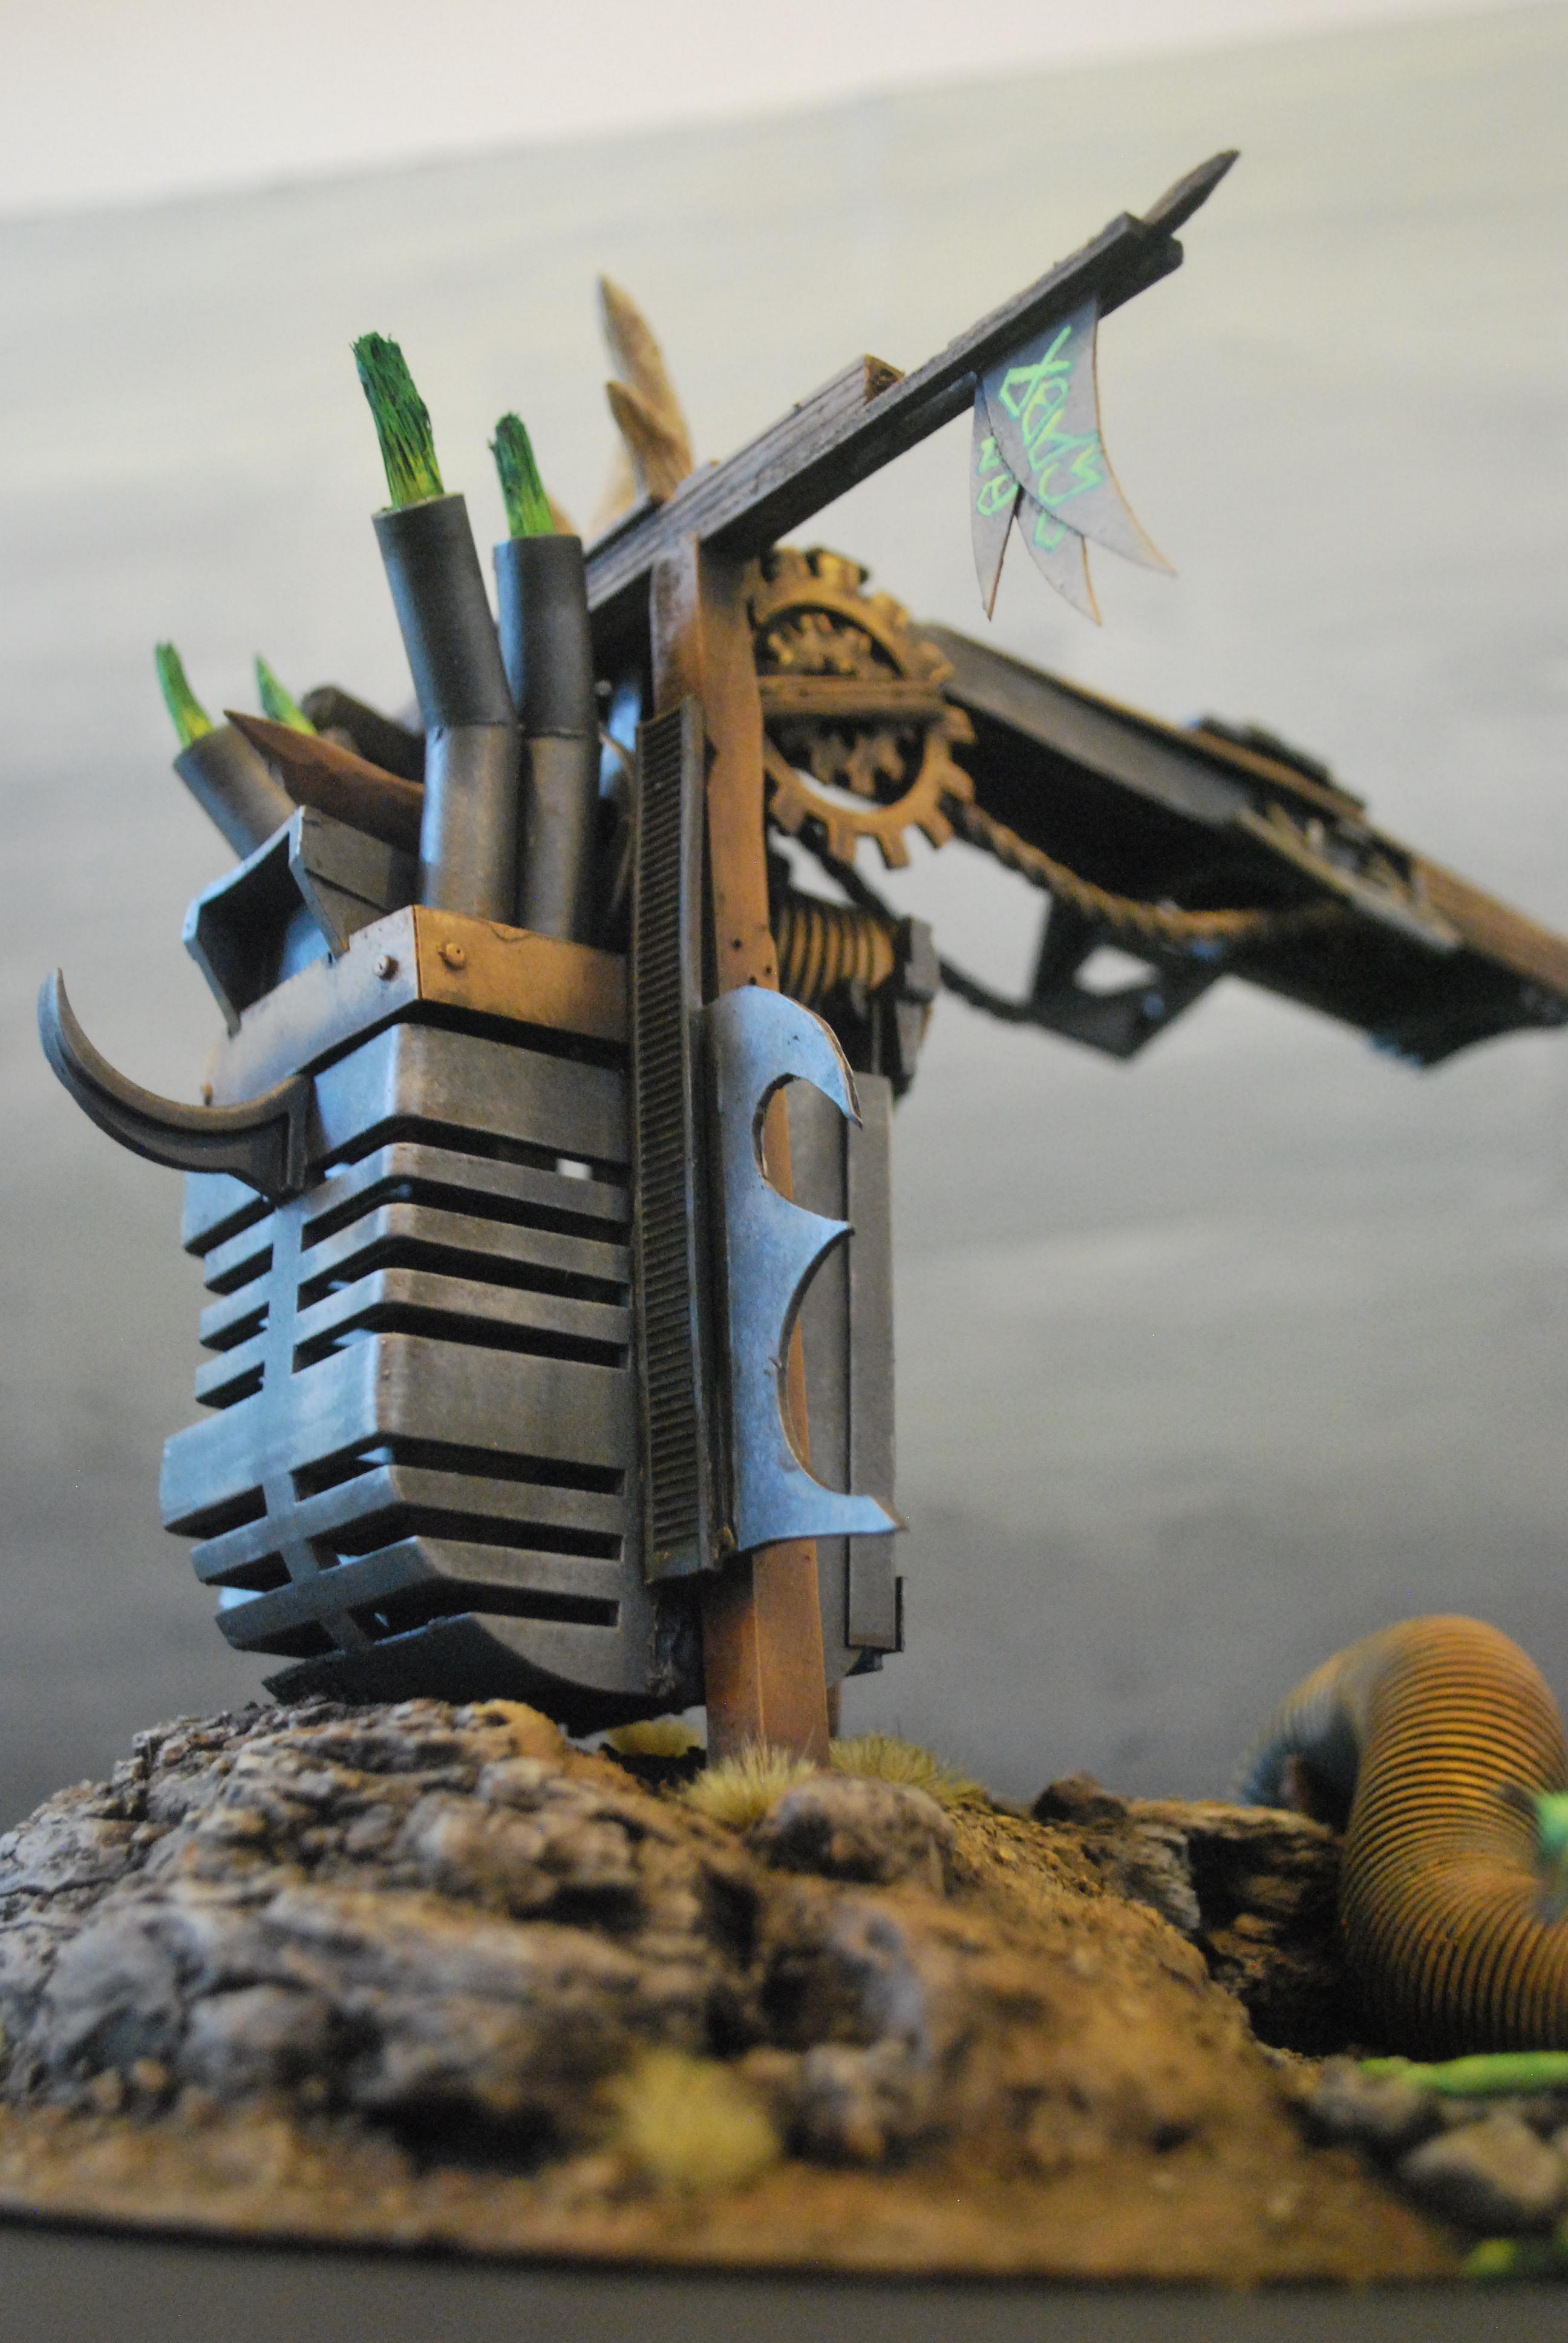 Cryx, Necrons, Scratch Build, Terrain, Warhammer 40,000, Warmachine